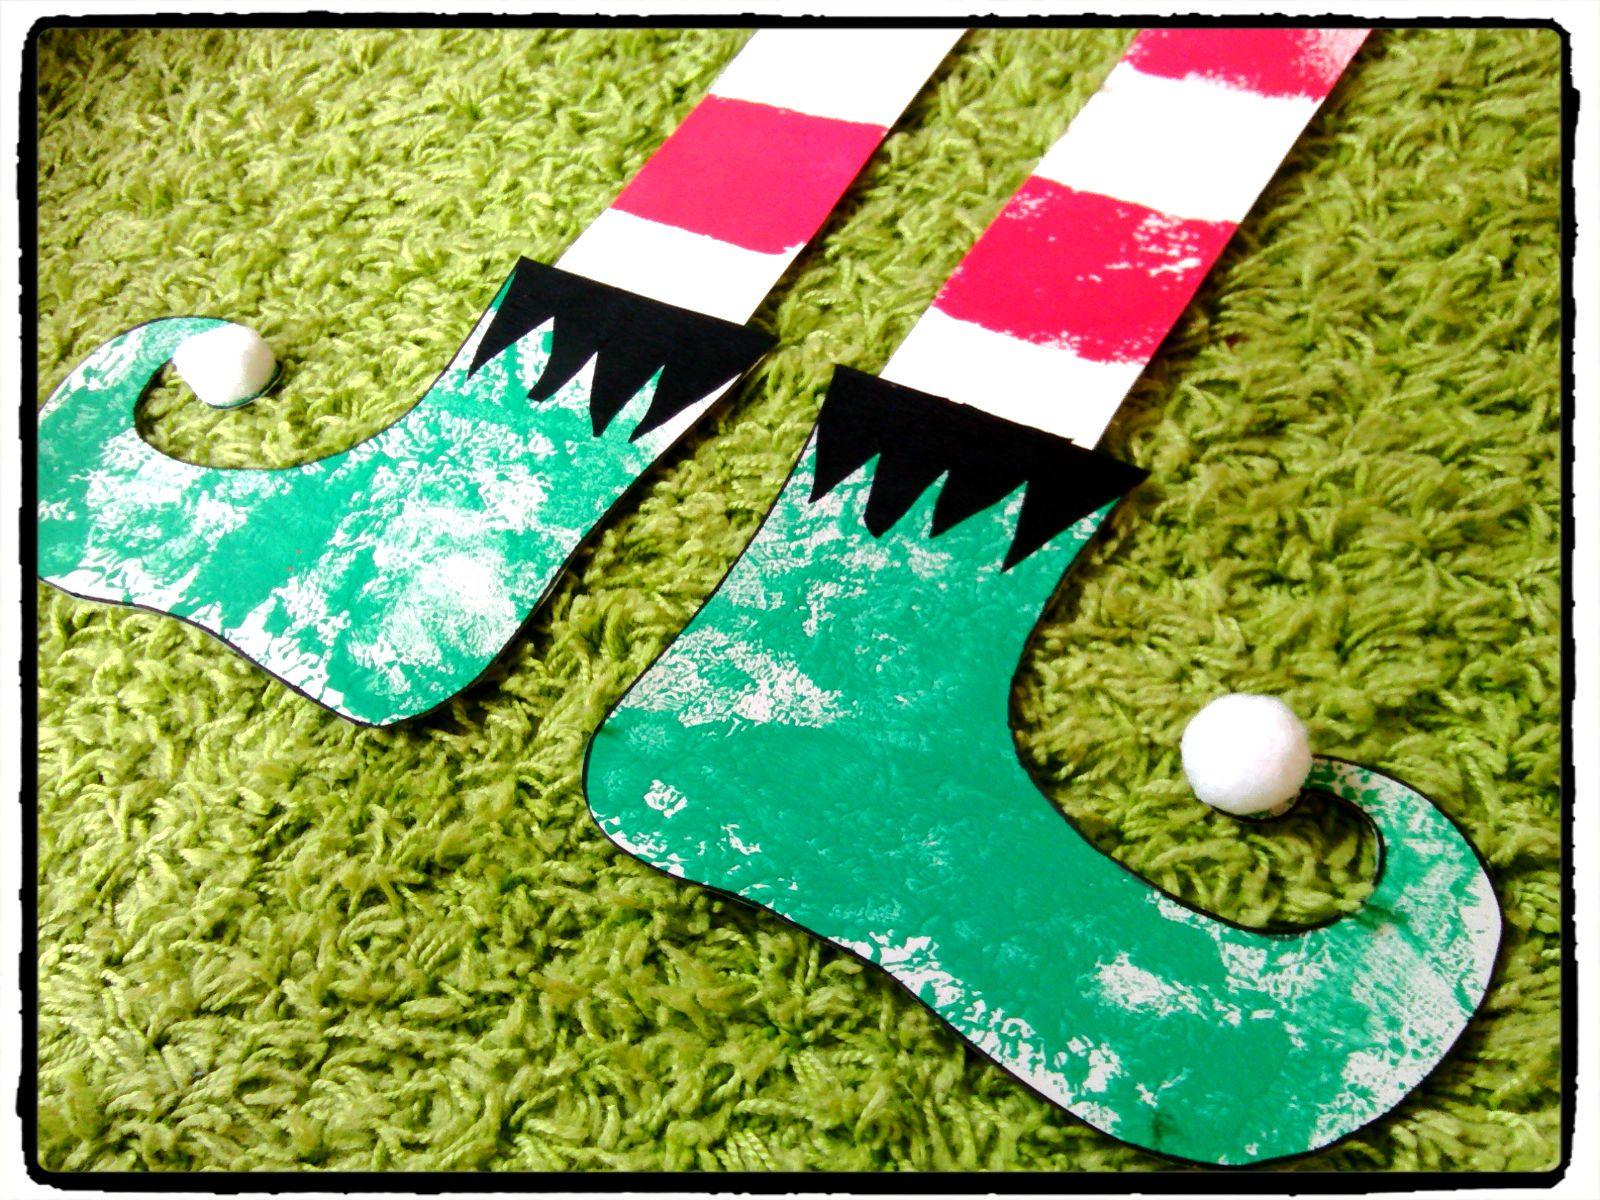 Bricolage noel bottes du lutin bricolage enfant no l pinterest la lutine lutins et - Bricolage de noel pinterest ...